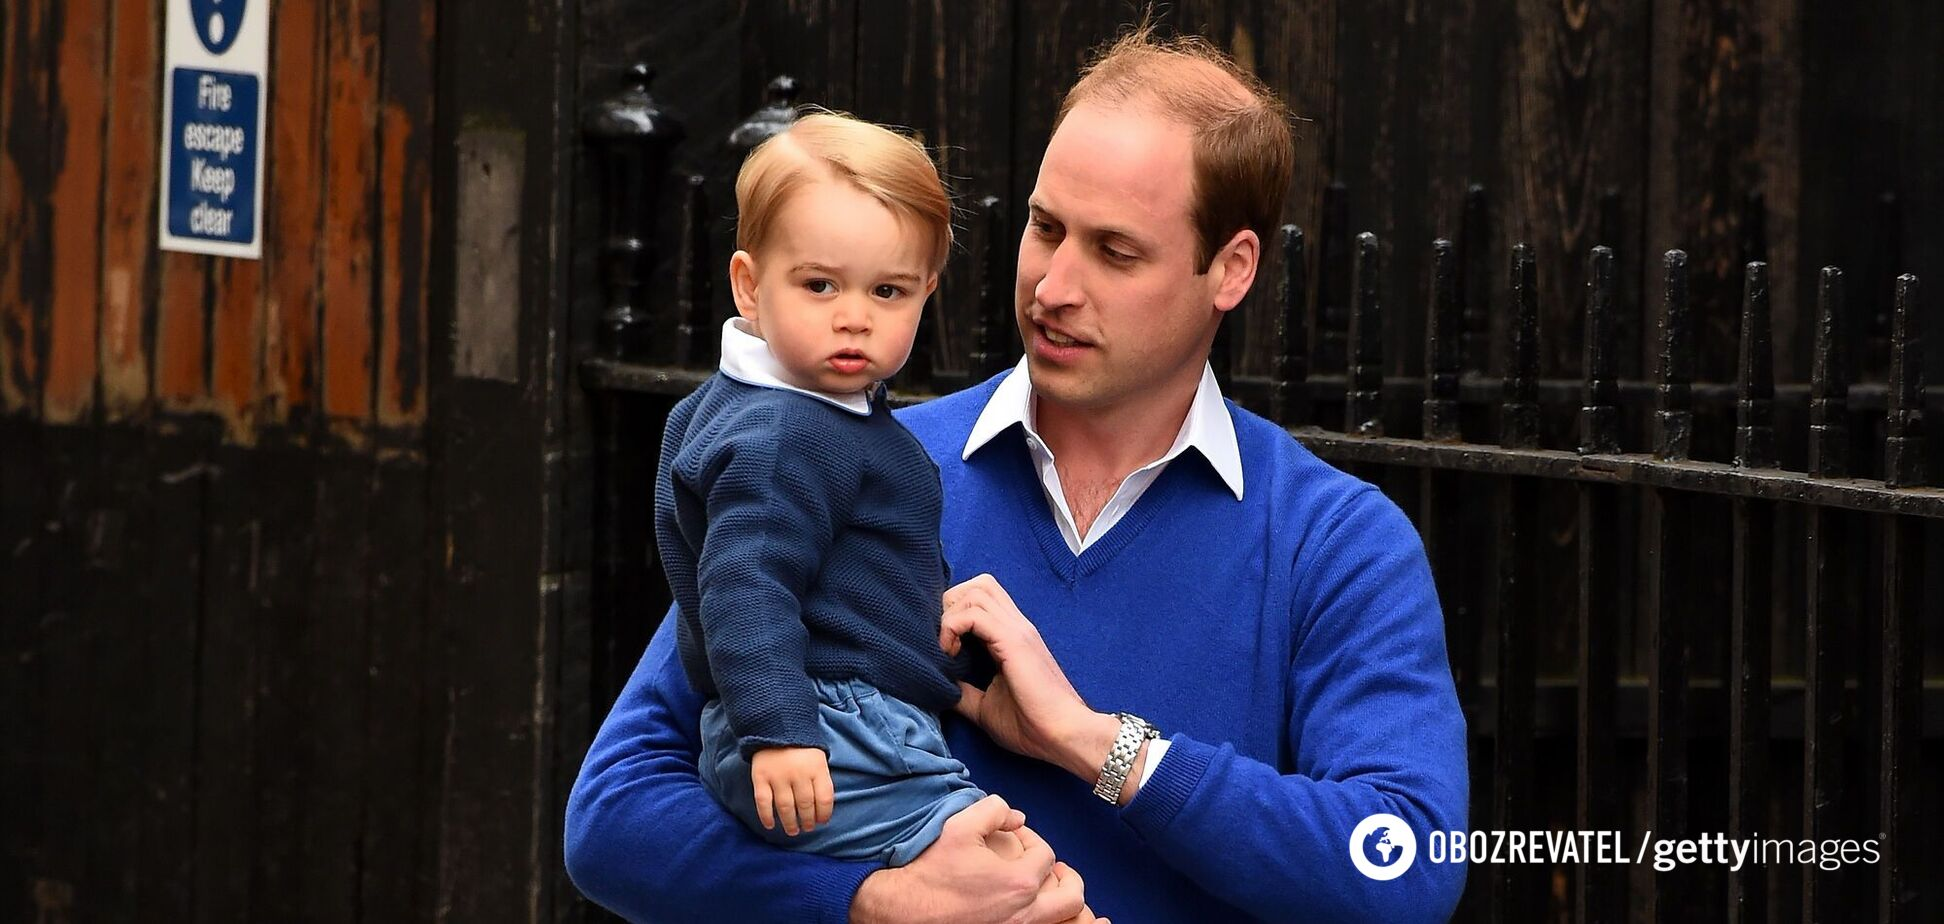 Принц Уильям и Кейт Миддлтон хотят отправить в интернат сына Джорджа – СМИ